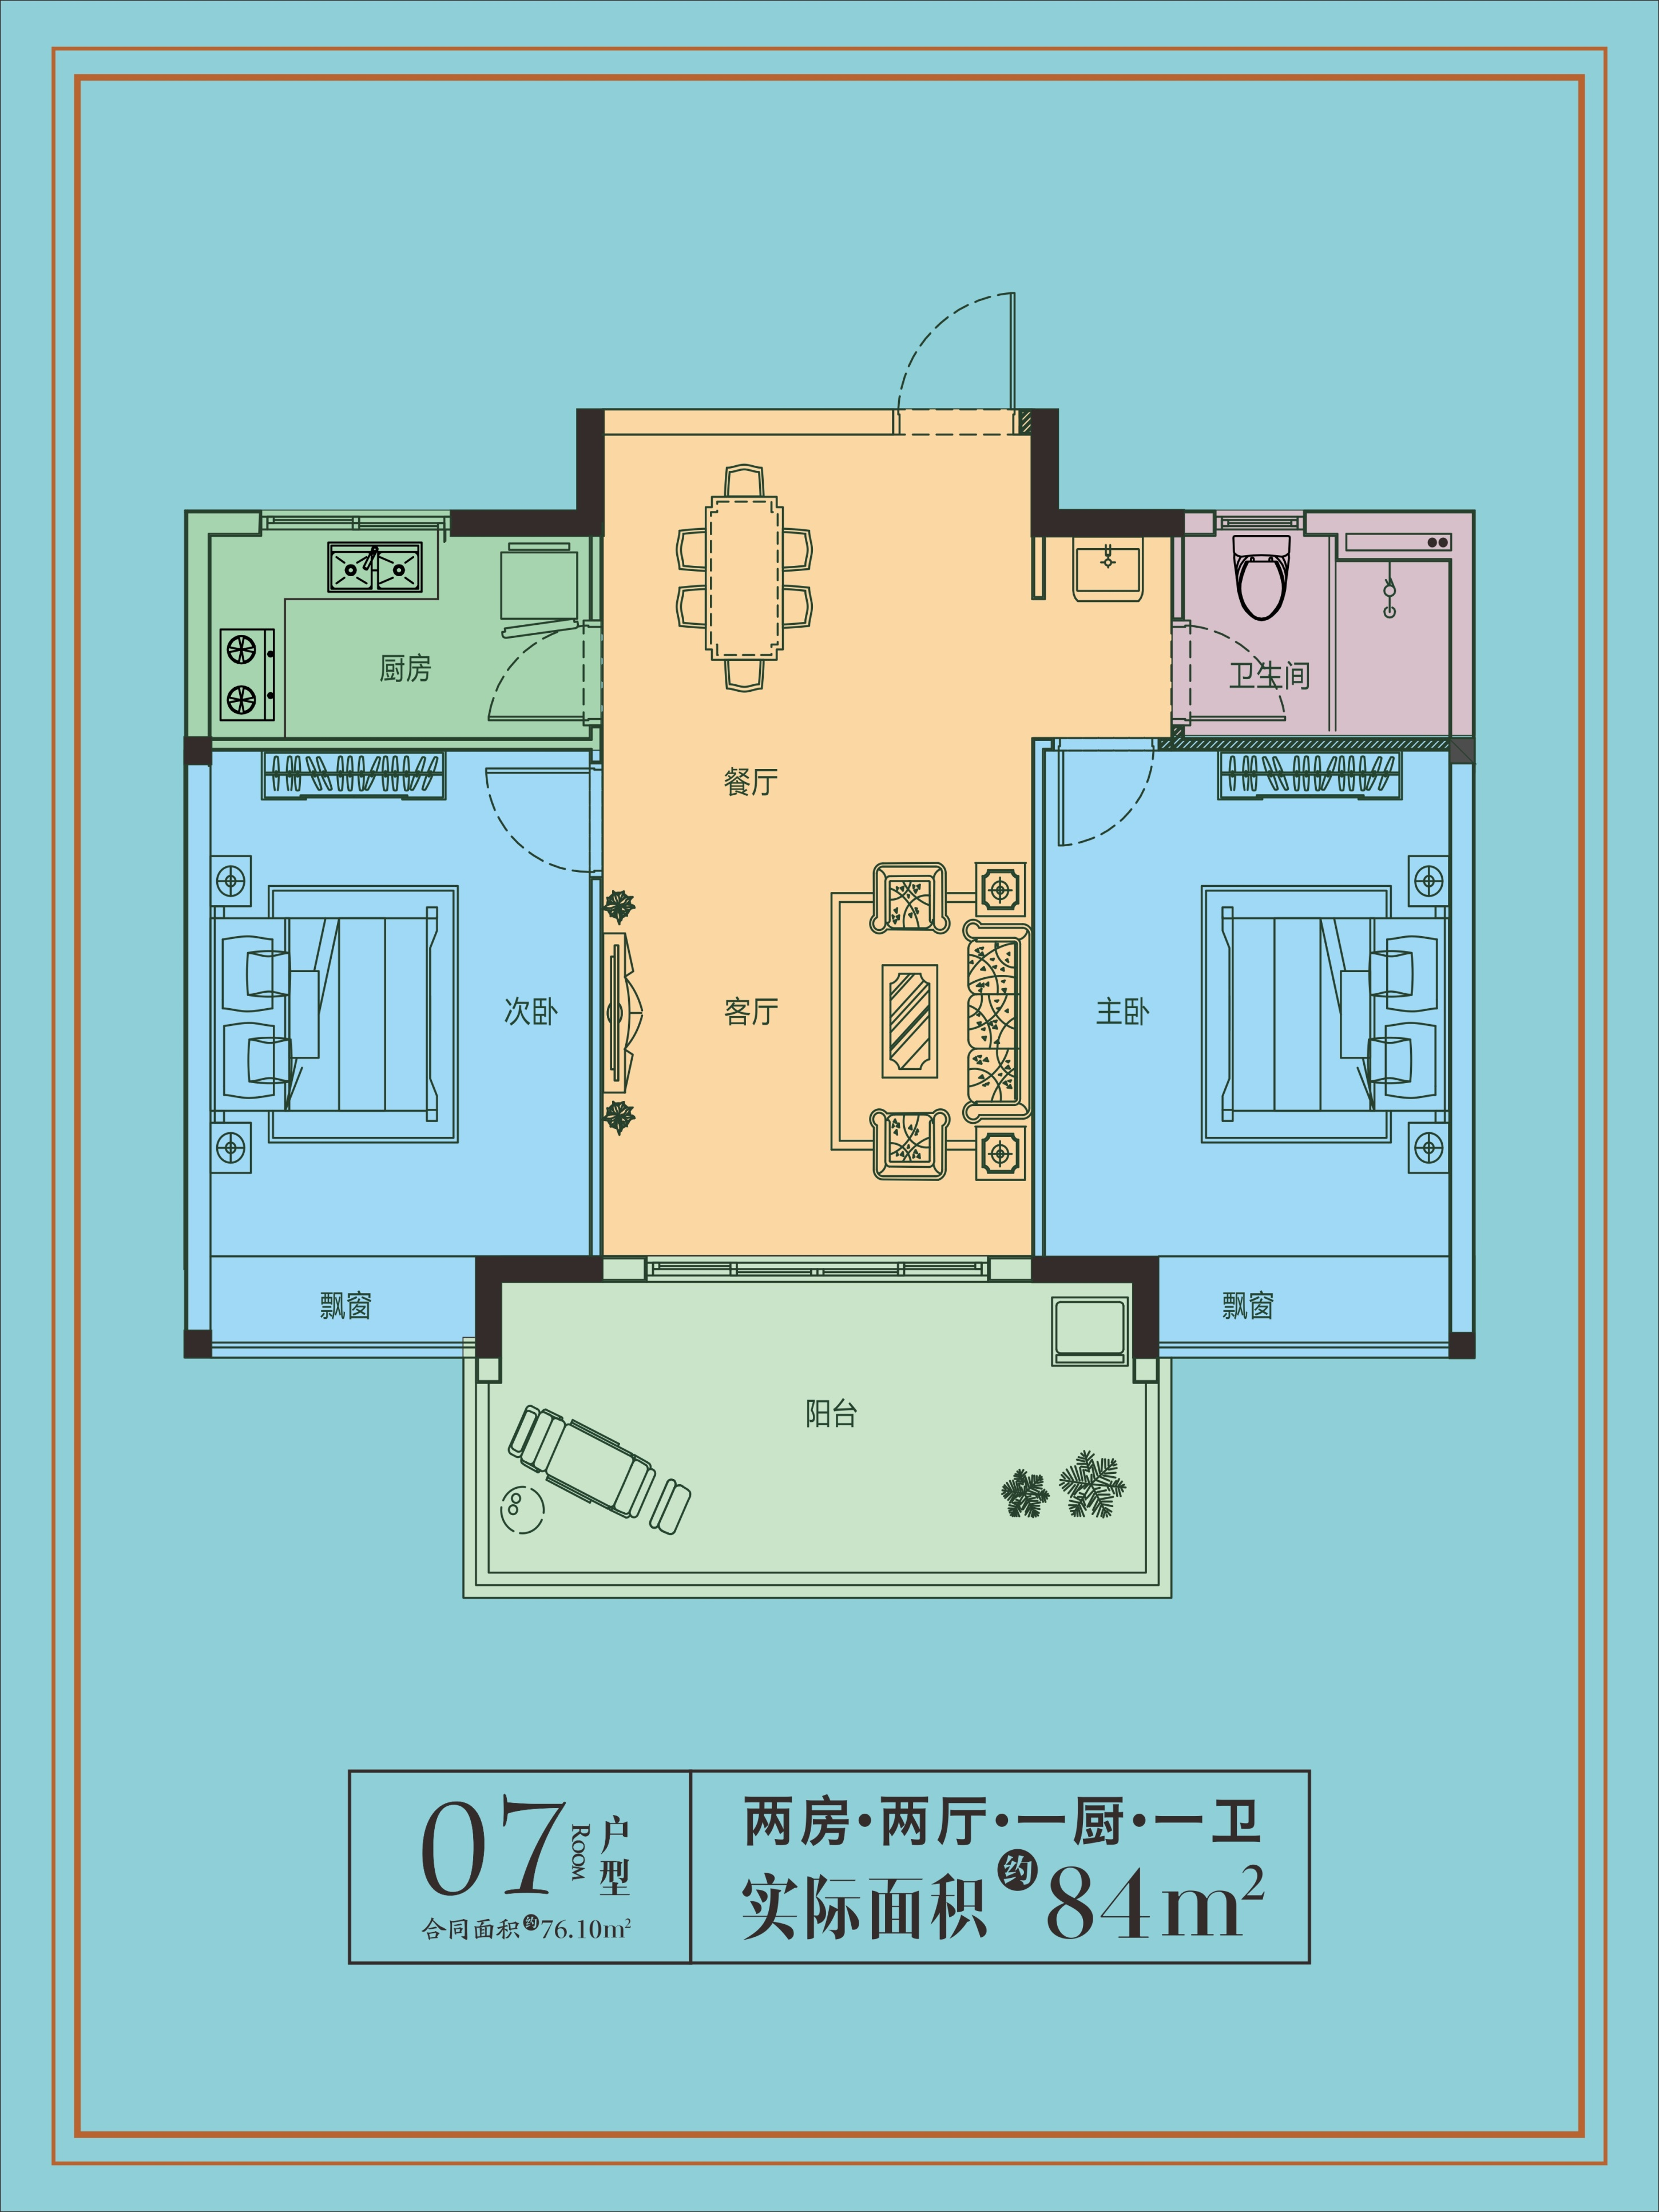 22棟07戶型 2房2廳1廚1衛 建面84㎡